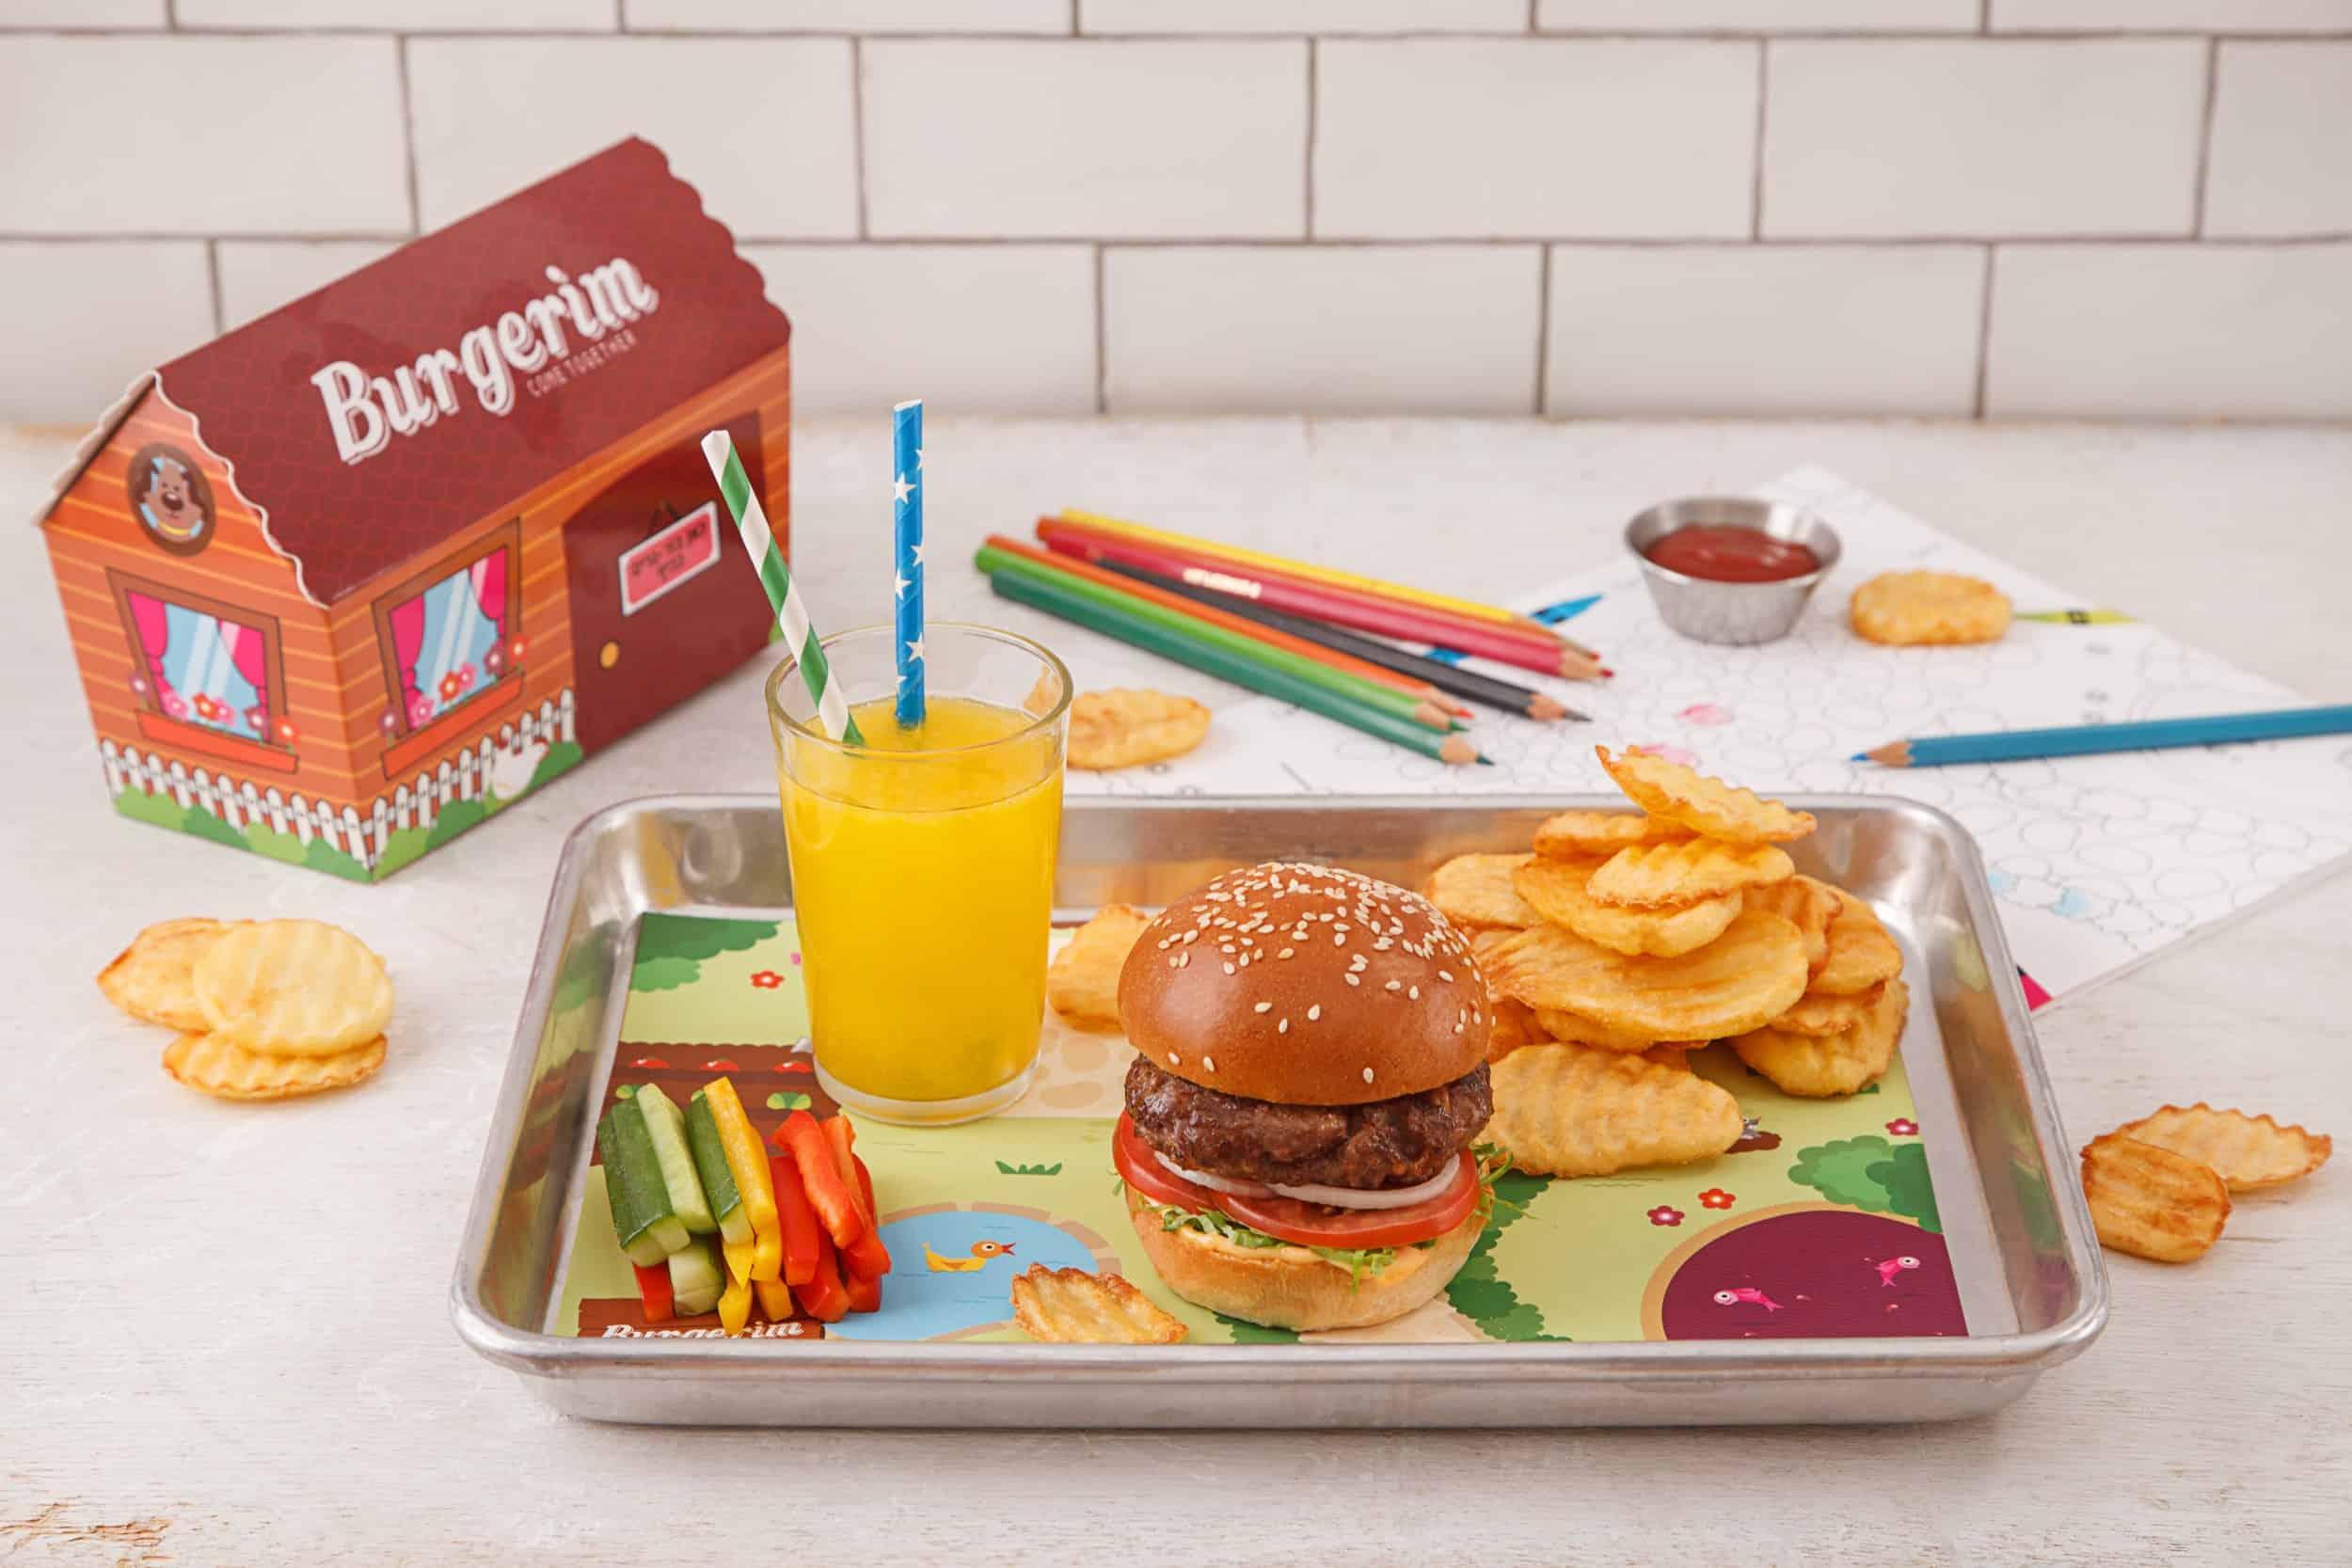 ארוחת ילדים בבורגרים. צלם : משה יוסף